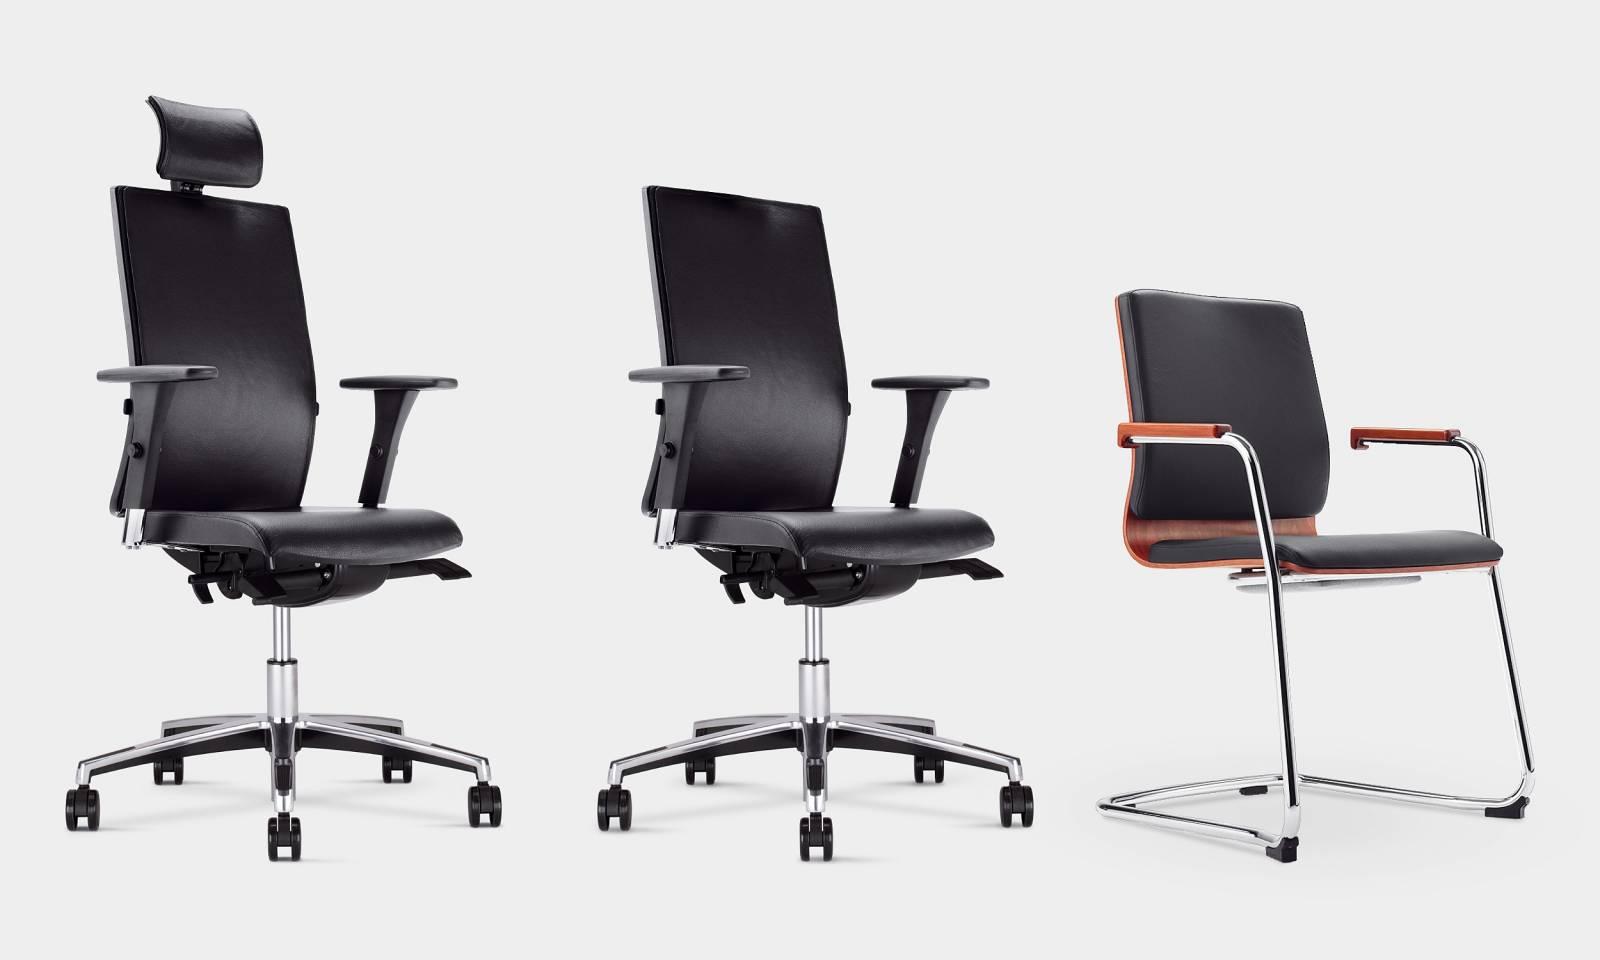 Ensemble de la gamme MOJITO avec le fauteuil de direction, le fauteuil opérationnel et la chaise visiteur sur Aix en provence